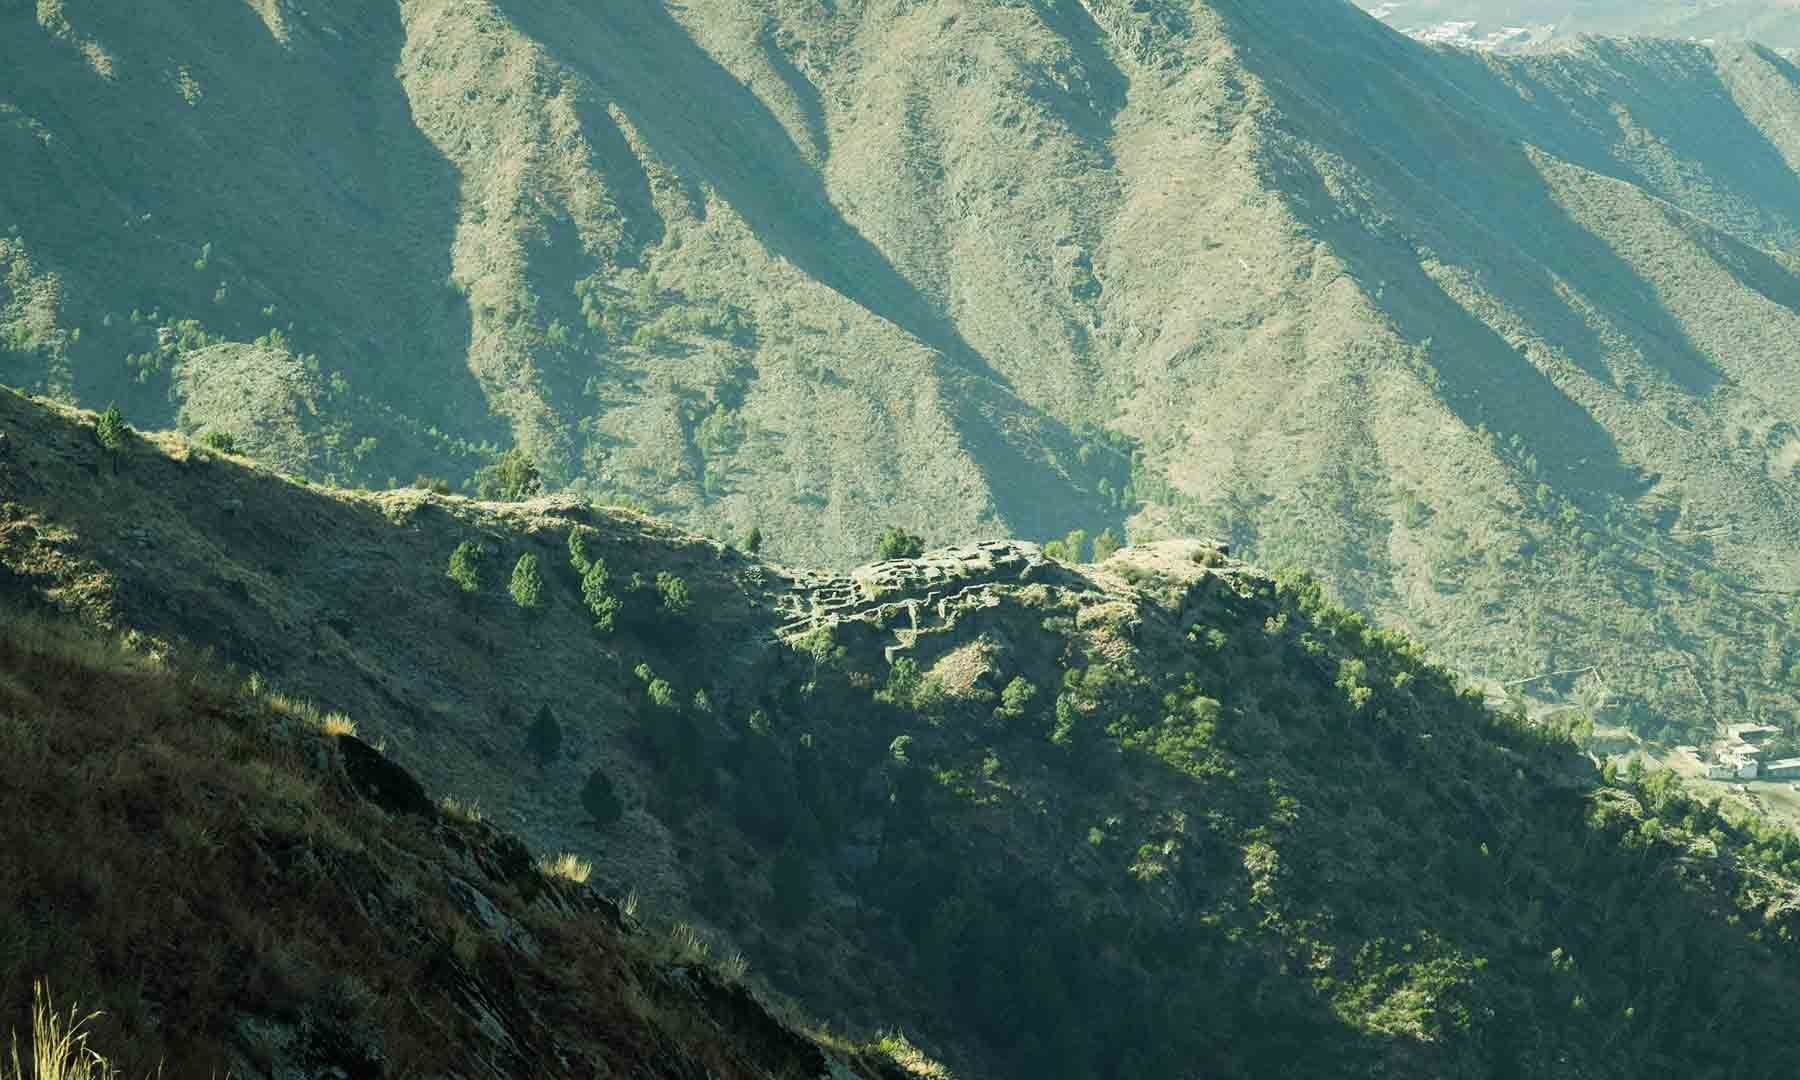 پہاڑ کی چوٹی سے راجا گیرا کا قلعہ نظر آ رہا ہے